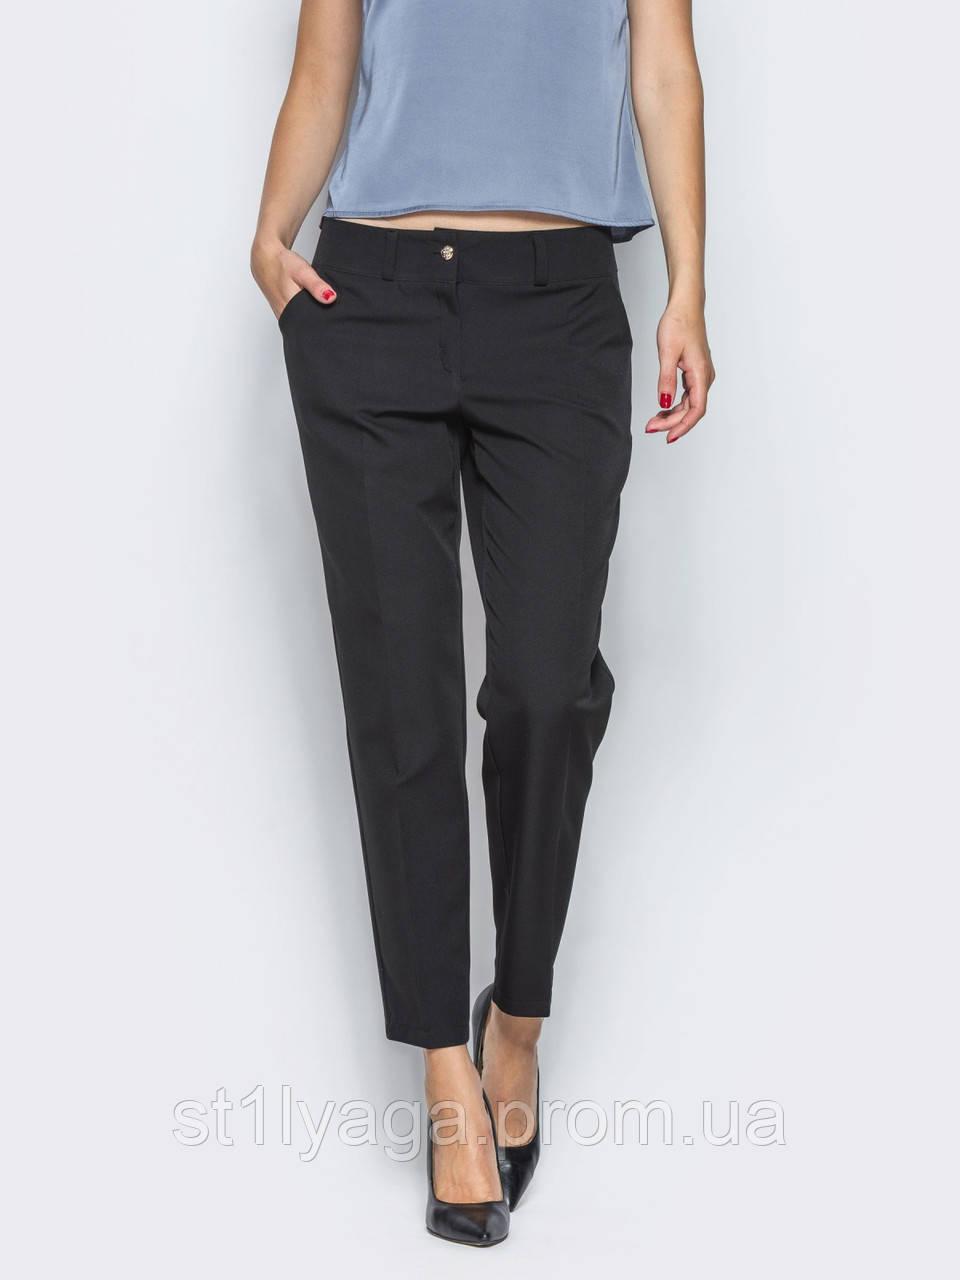 Укорочені брюки зі стрілками і косими кишенями з боків